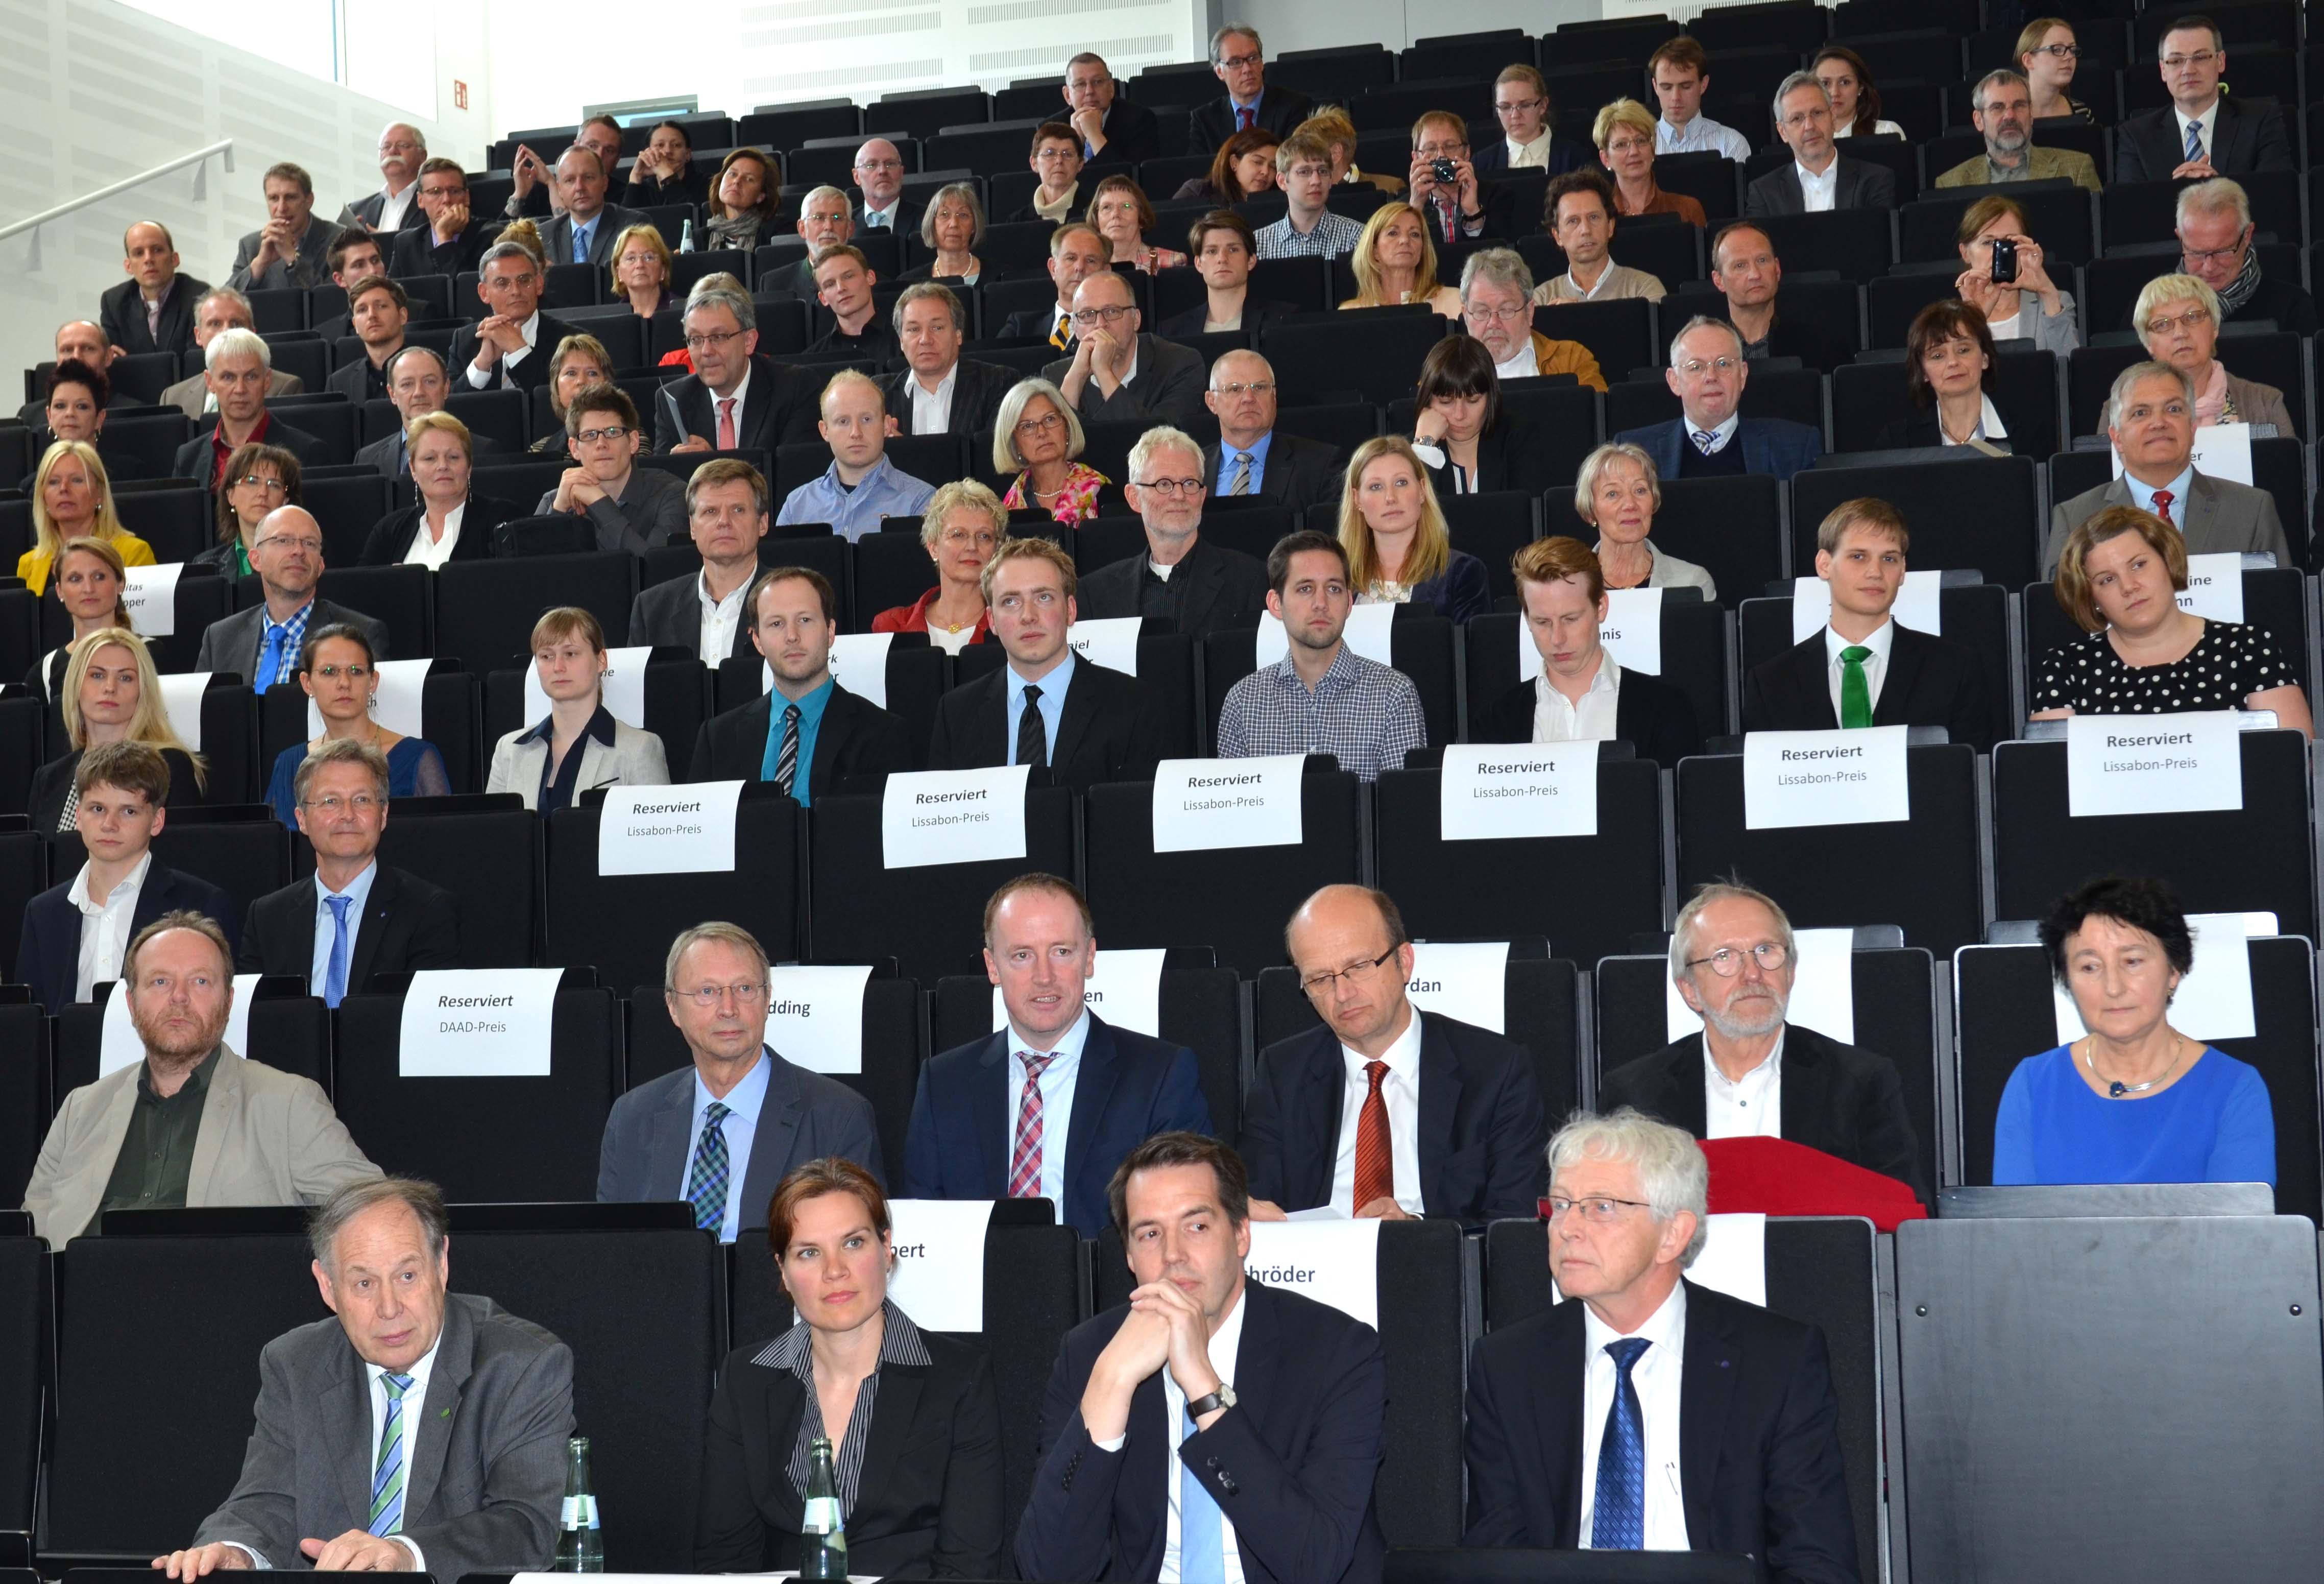 """Erstmals fand die jährliche Festveranstaltung """"Ausgezeichnet."""" der Fachhochschule Münster im neuen Hörsaalgebäude in Steinfurt statt."""